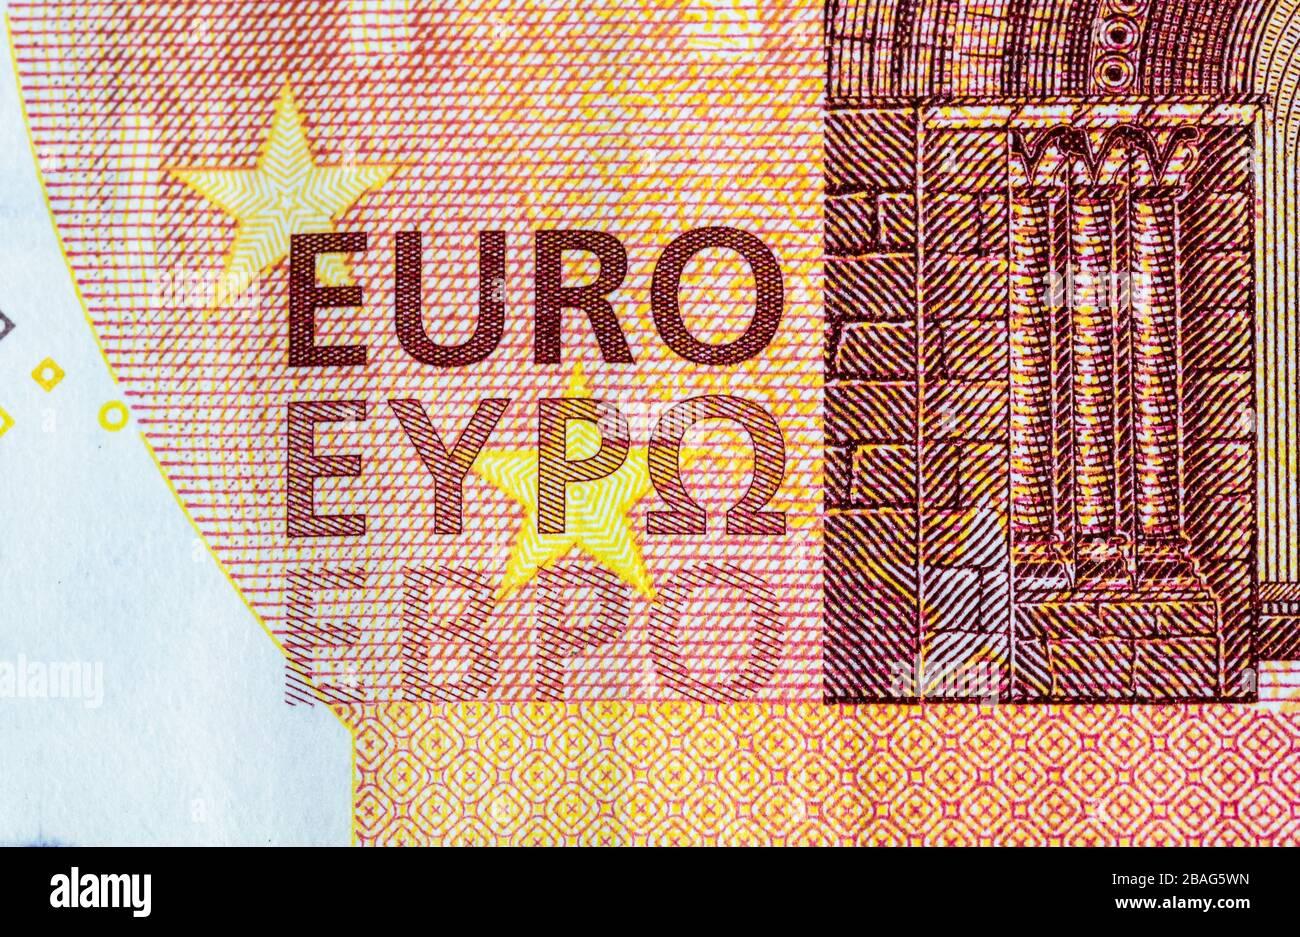 Primer plano macro detalle de billetes EN EUROS, foto detallada DEL EURO. Concepto monetario mundial, inflación y concepto económico Foto de stock